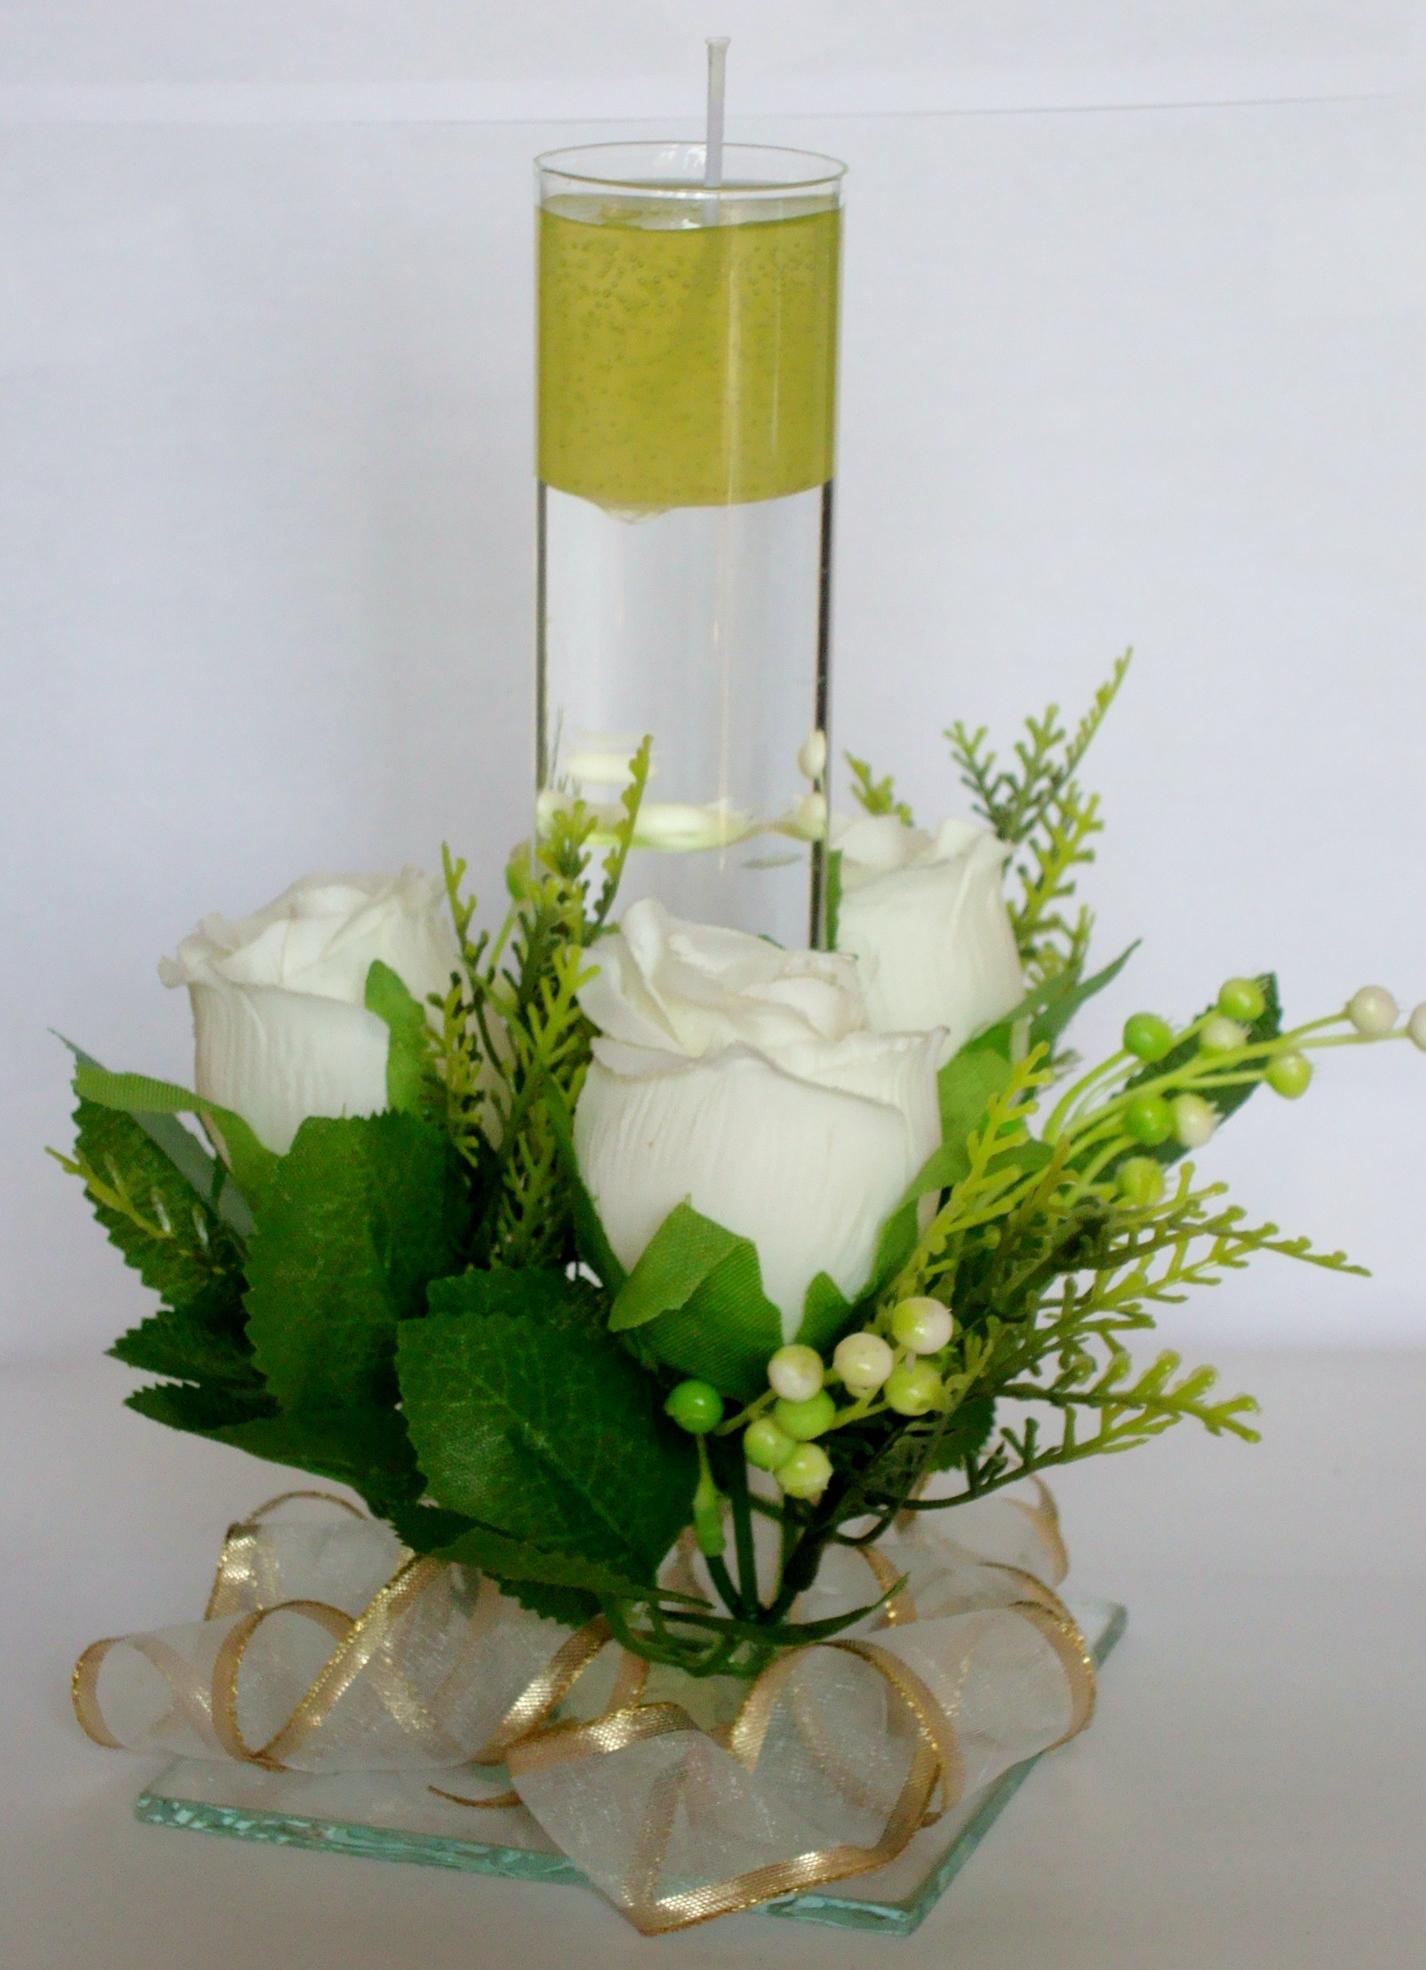 Centros de mesa para boda con velas flotantes 8 car - Centros con velas ...